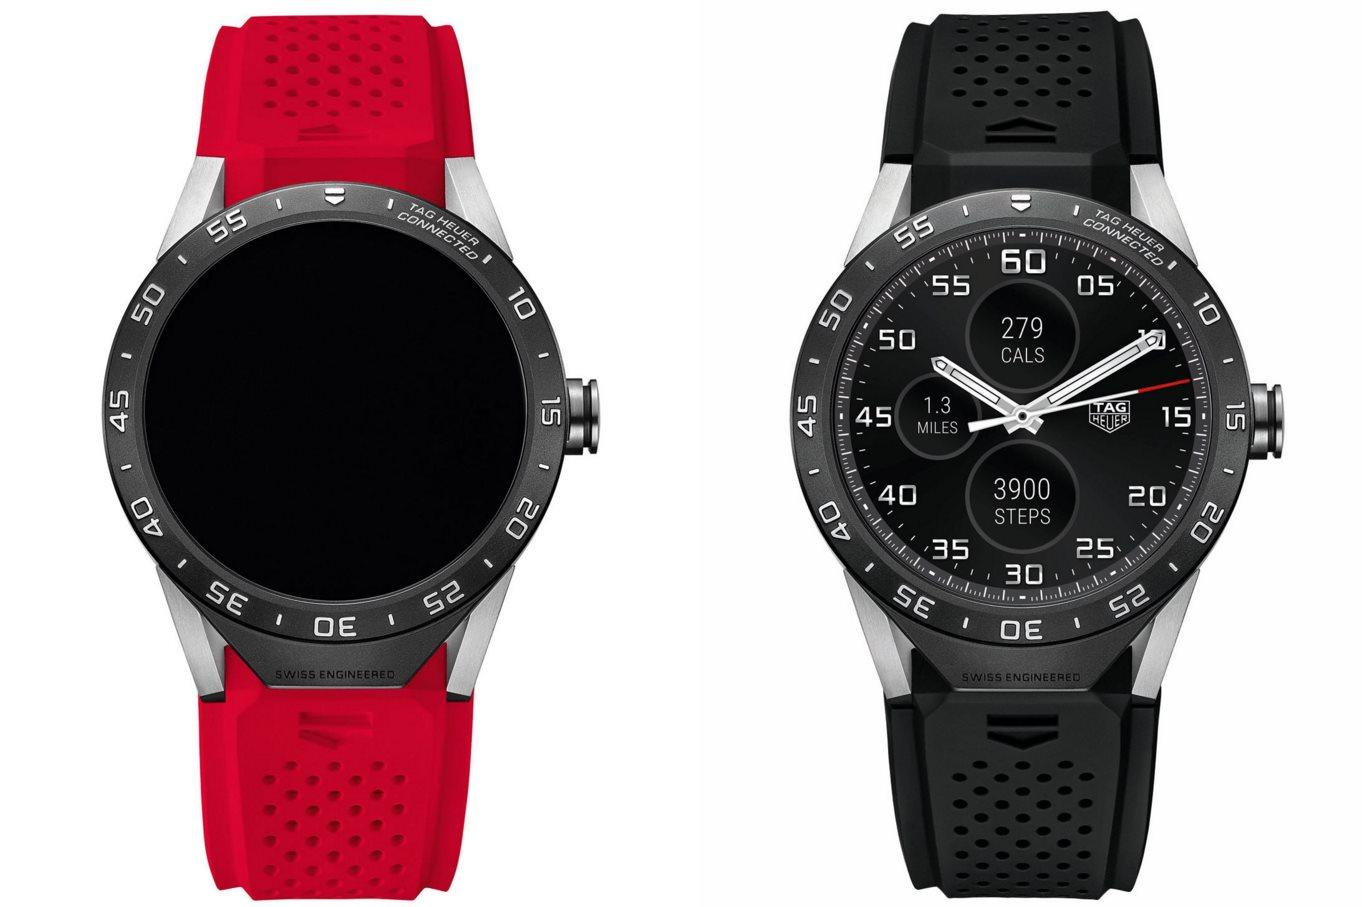 В нашем обзоре мы рассматриваем часы на стандартном каучуковом ремне, который выглядит и по ощущениям прекрасен.